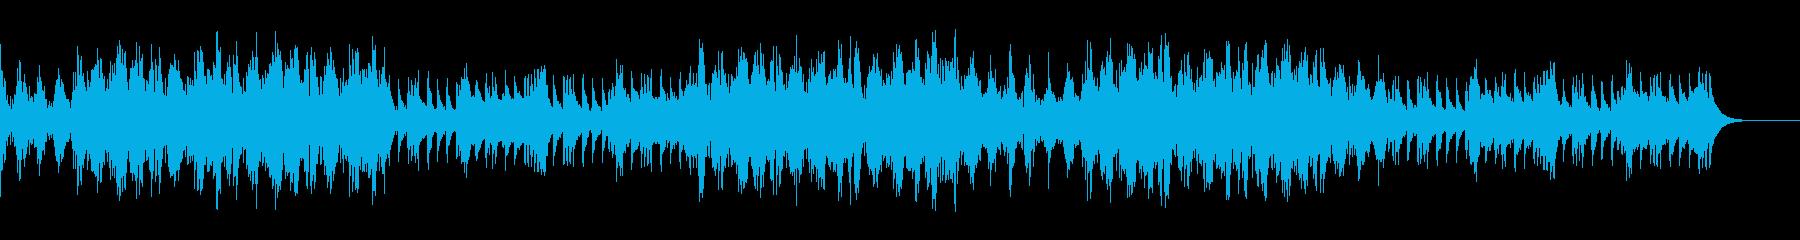 T.V.ドラマオーケストラインスト...の再生済みの波形